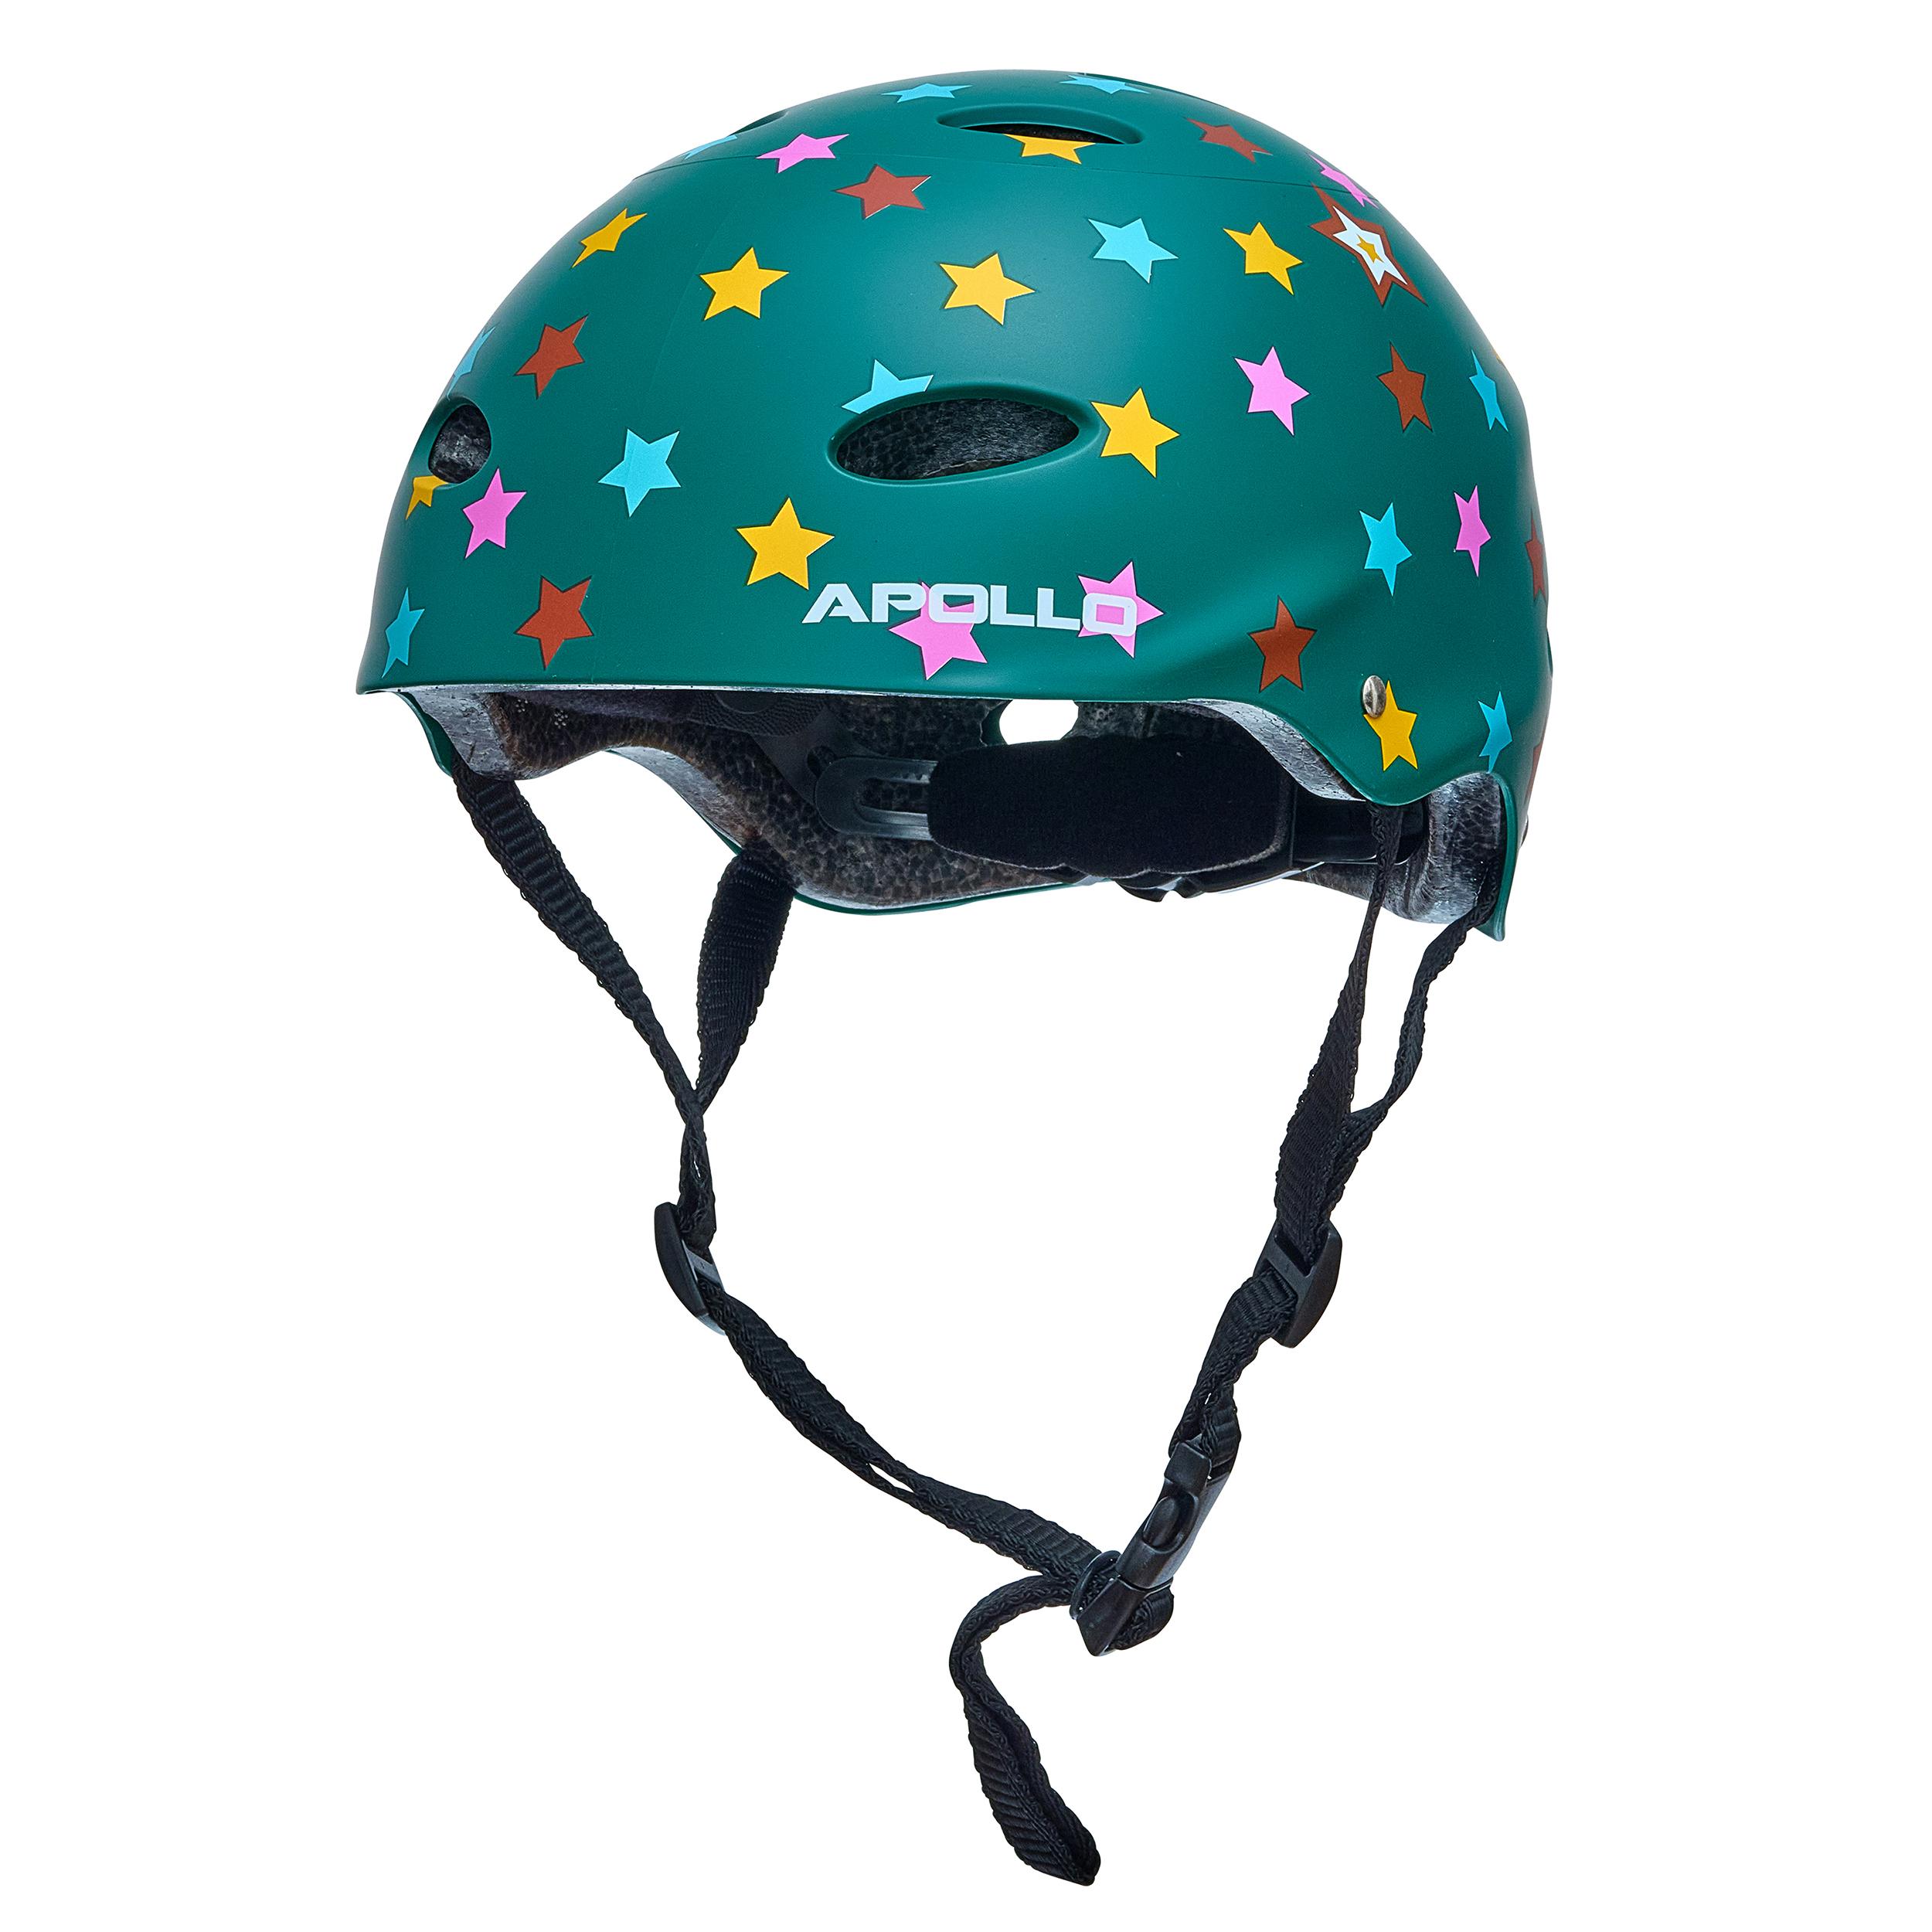 """Apollo Skate-Helm - """"Stars"""" Größe S/M verstellbar (48-55 cm)"""